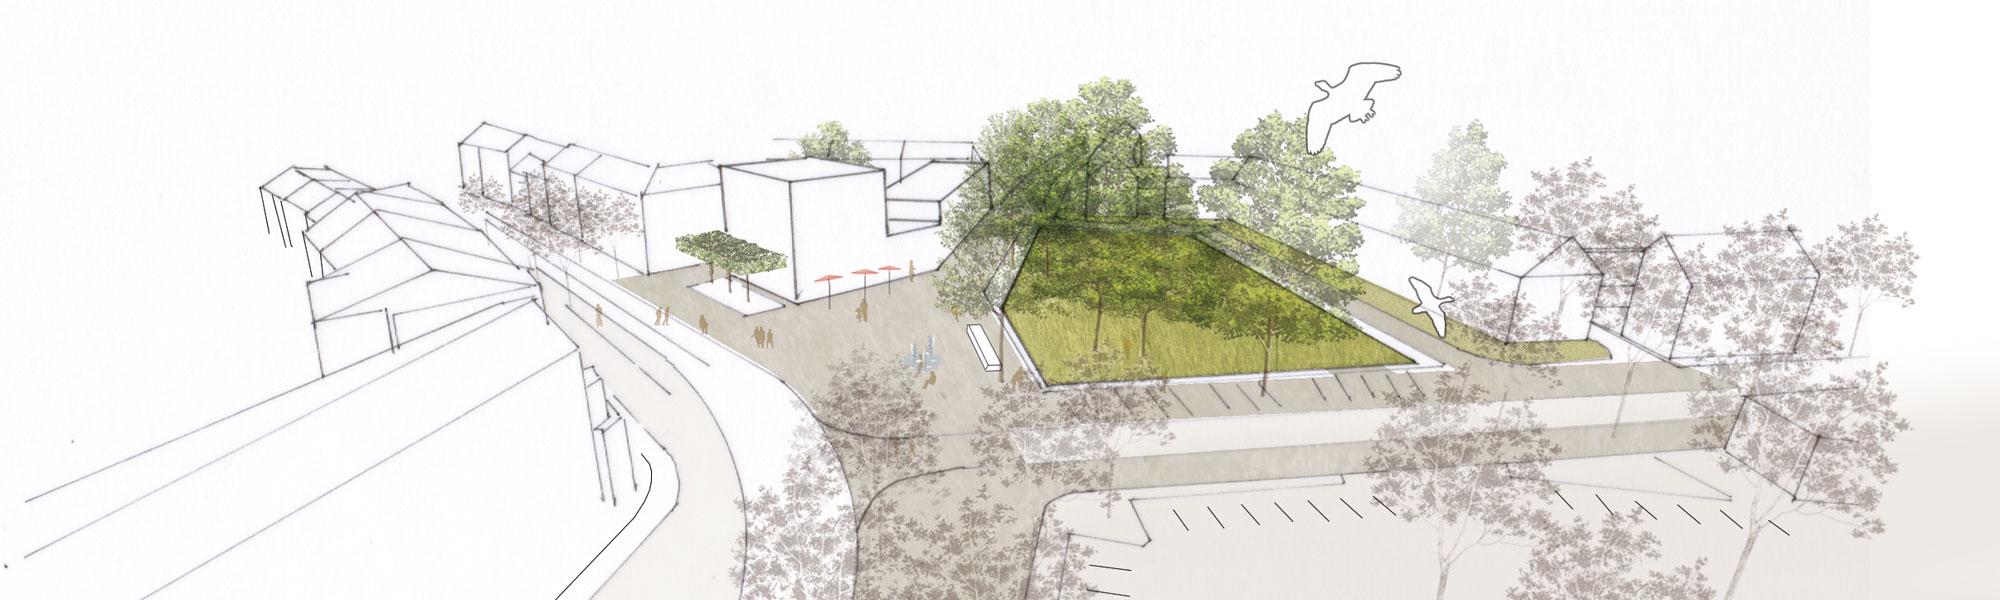 Städtebauliches Konzept Marktplatz Dortmund-Eving - Vogelperspektive